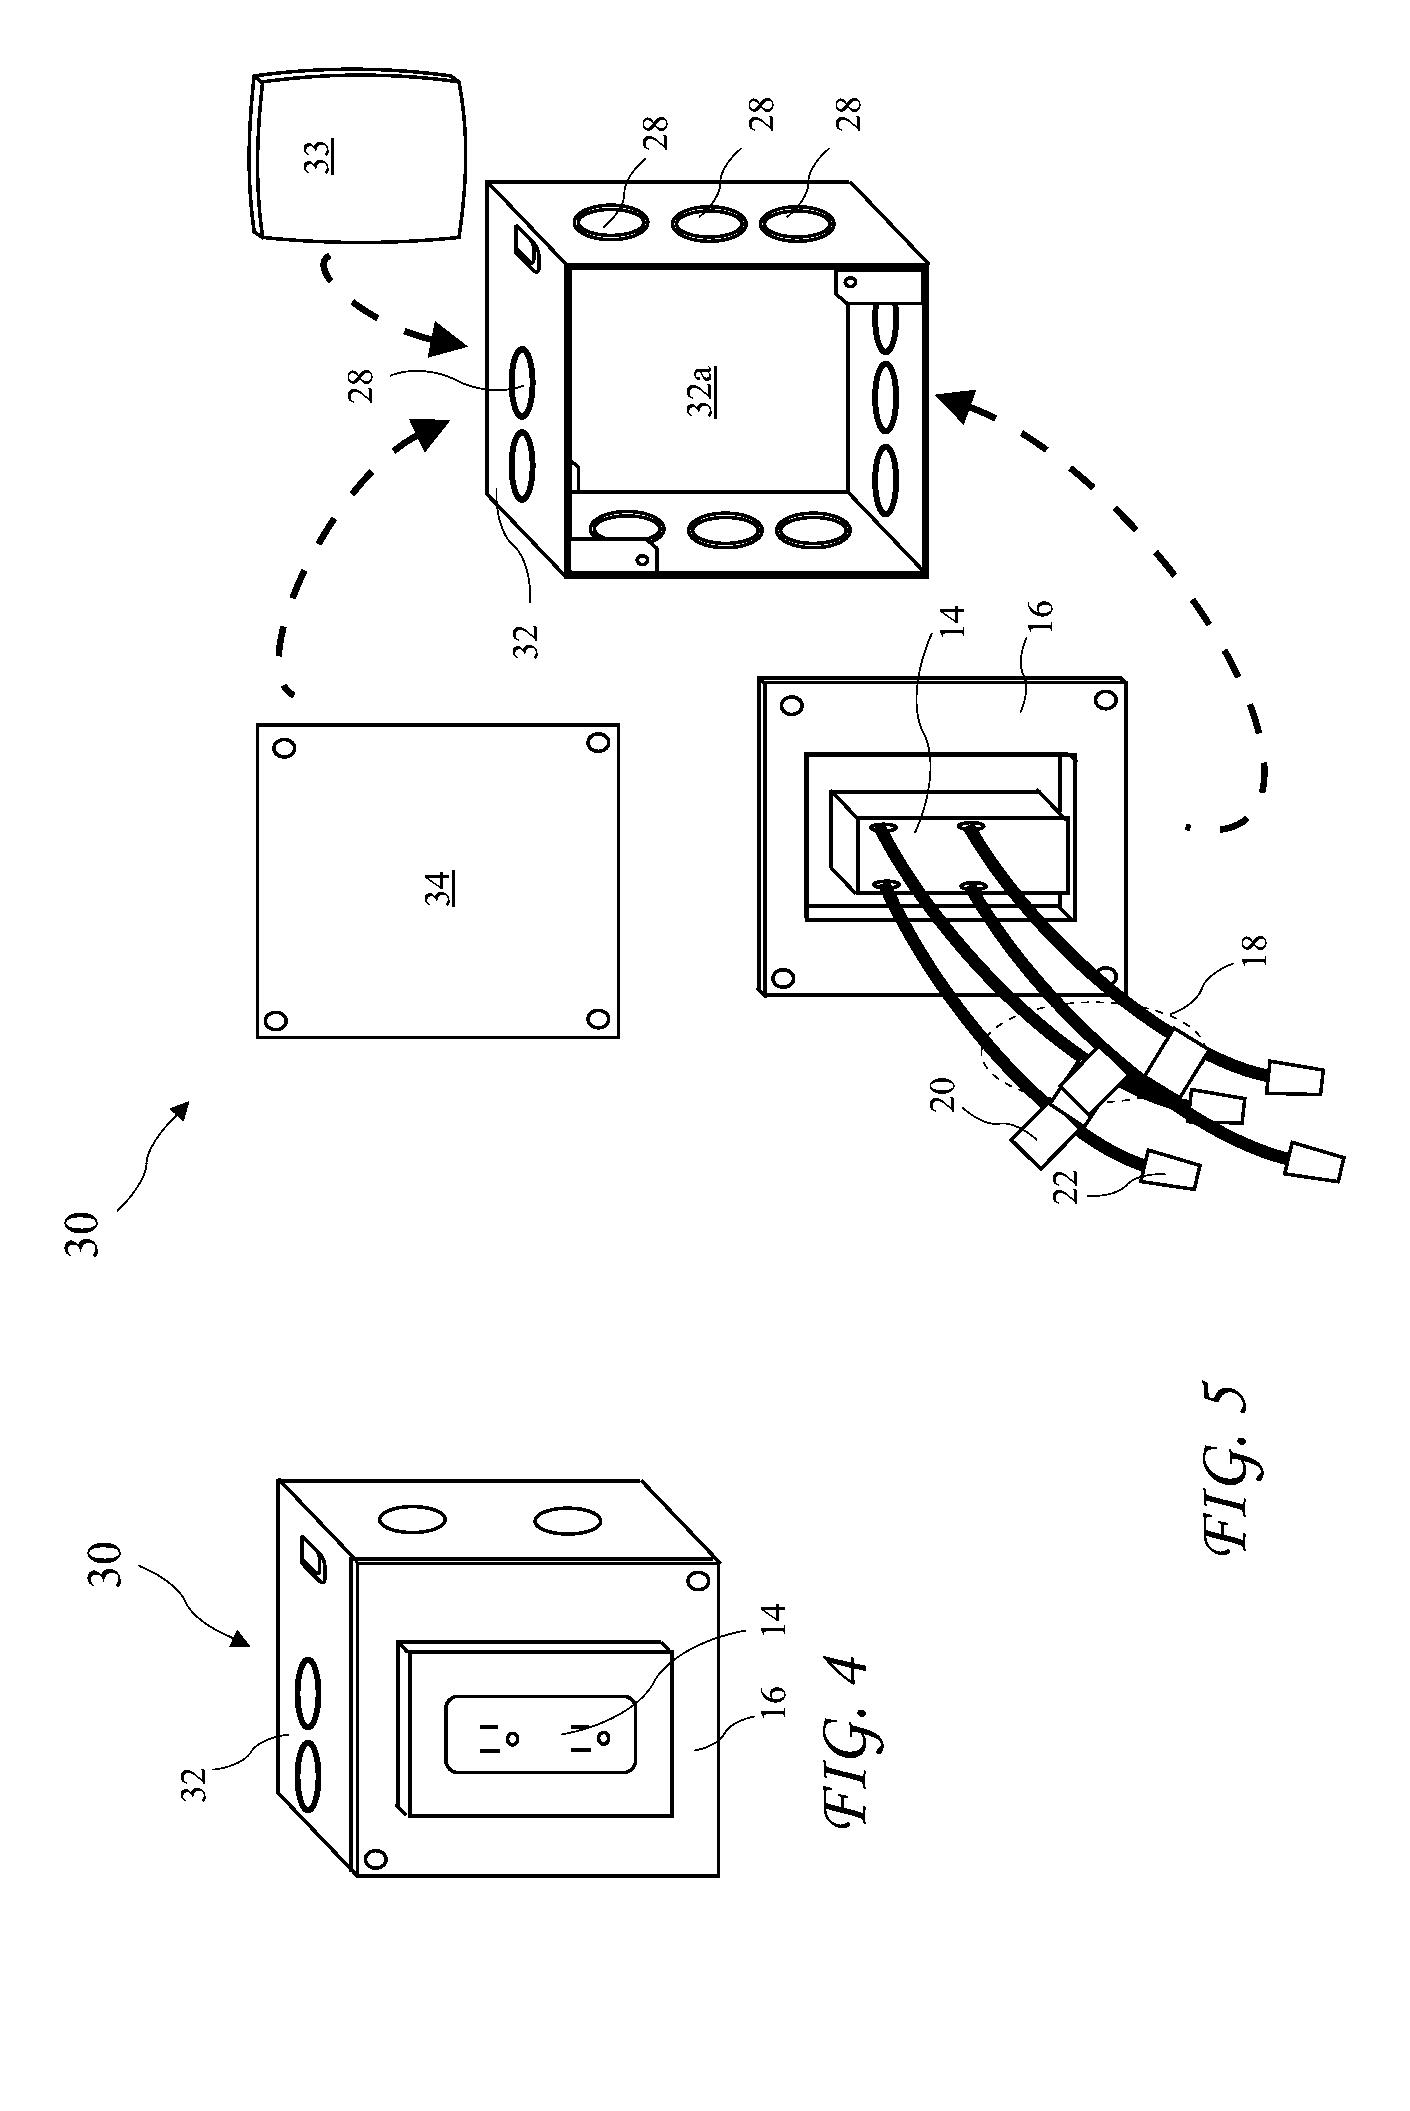 patent us8455772